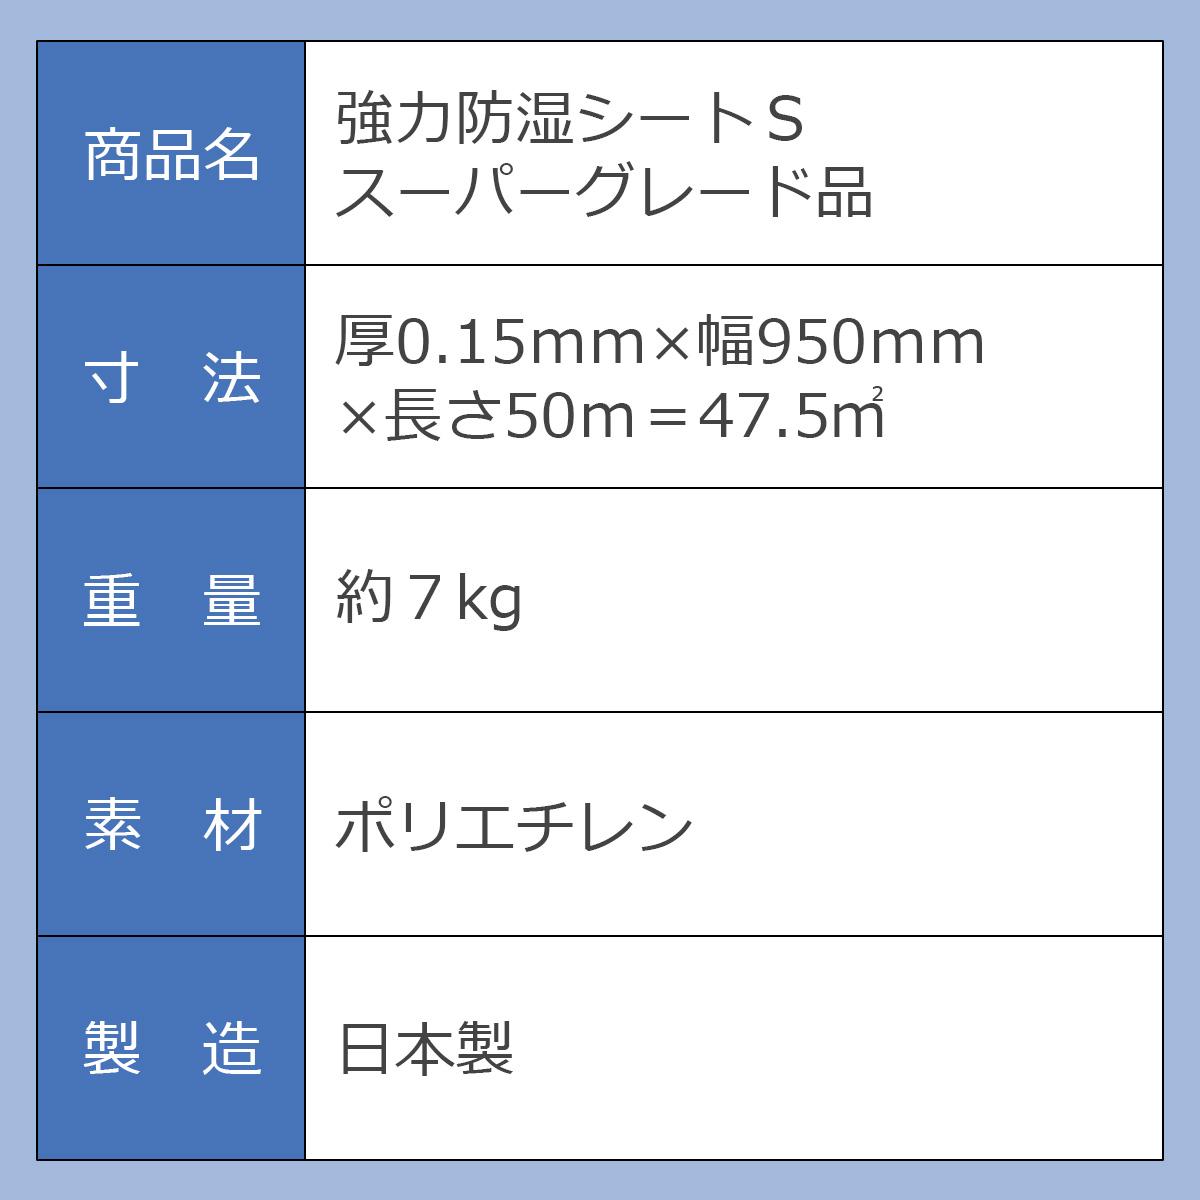 商品名:強力防湿シートS スーパーグレード品 寸法:厚0.15ミリ×幅950ミリ×長さ50メートル=47.5平方メートル 重量:約7kg 素材:ポリエチレン 製造:日本製